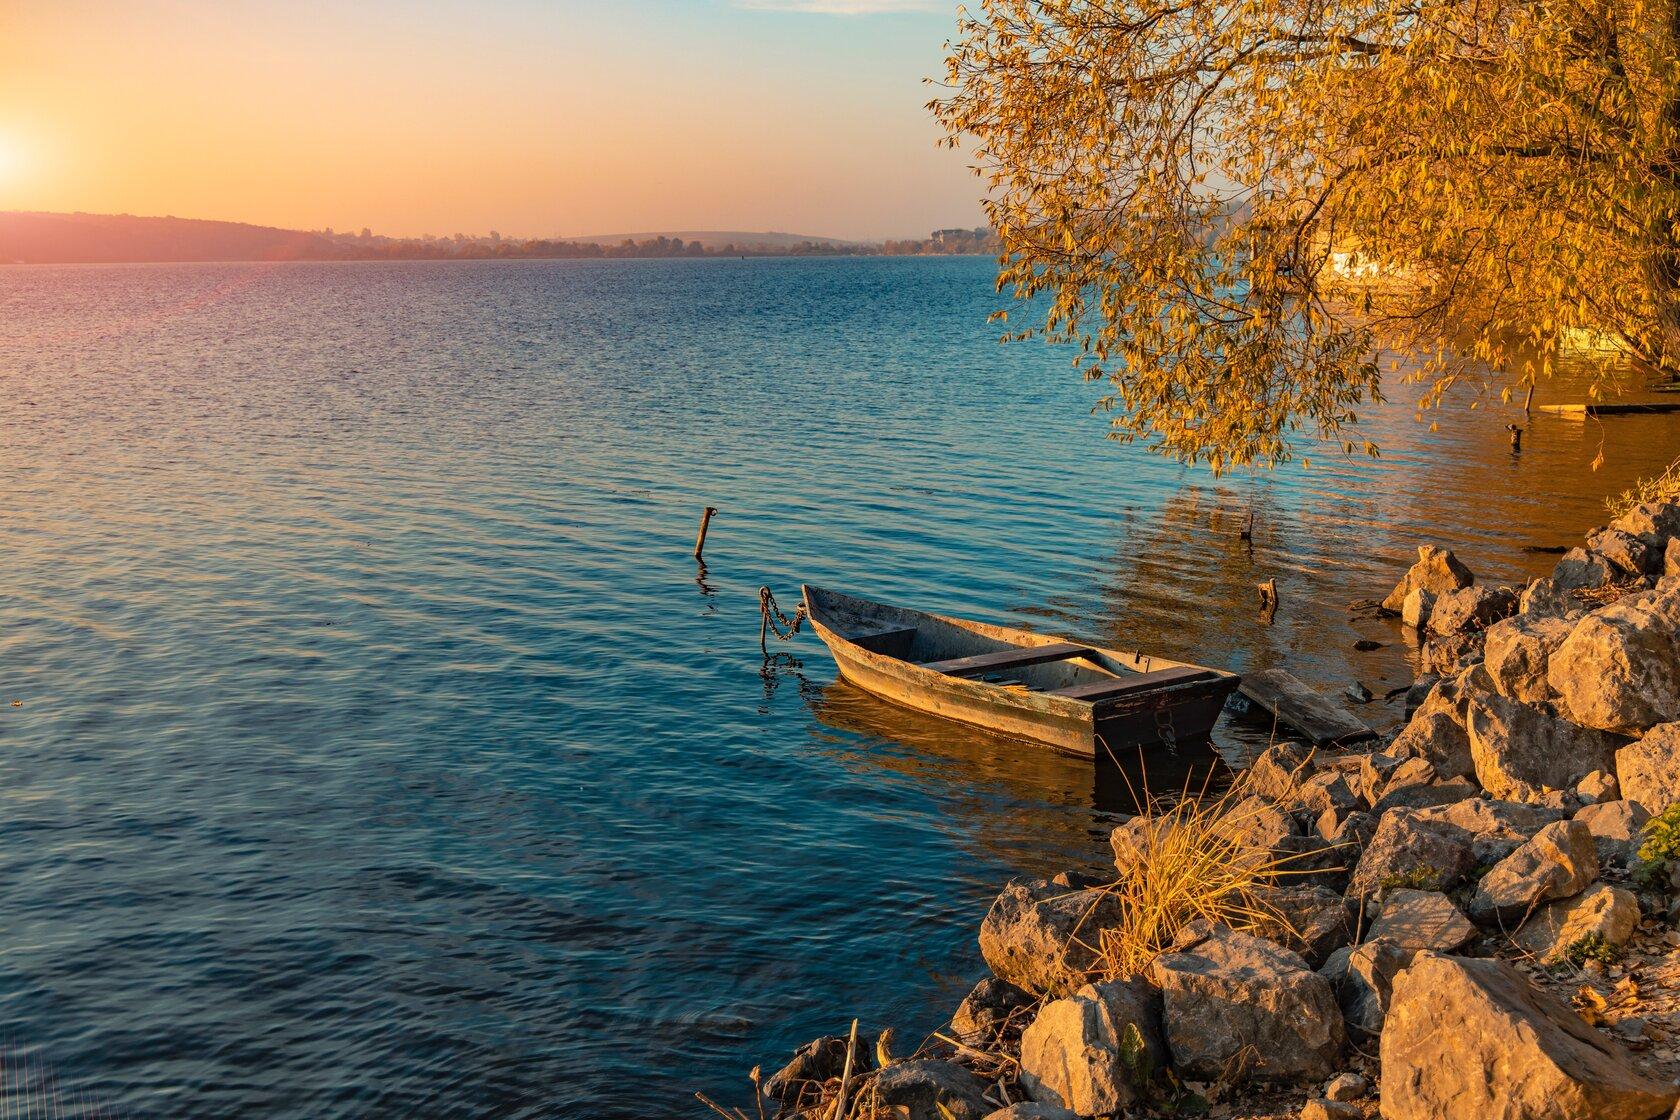 eylül ayında gezilecek yerler, göl manzarası